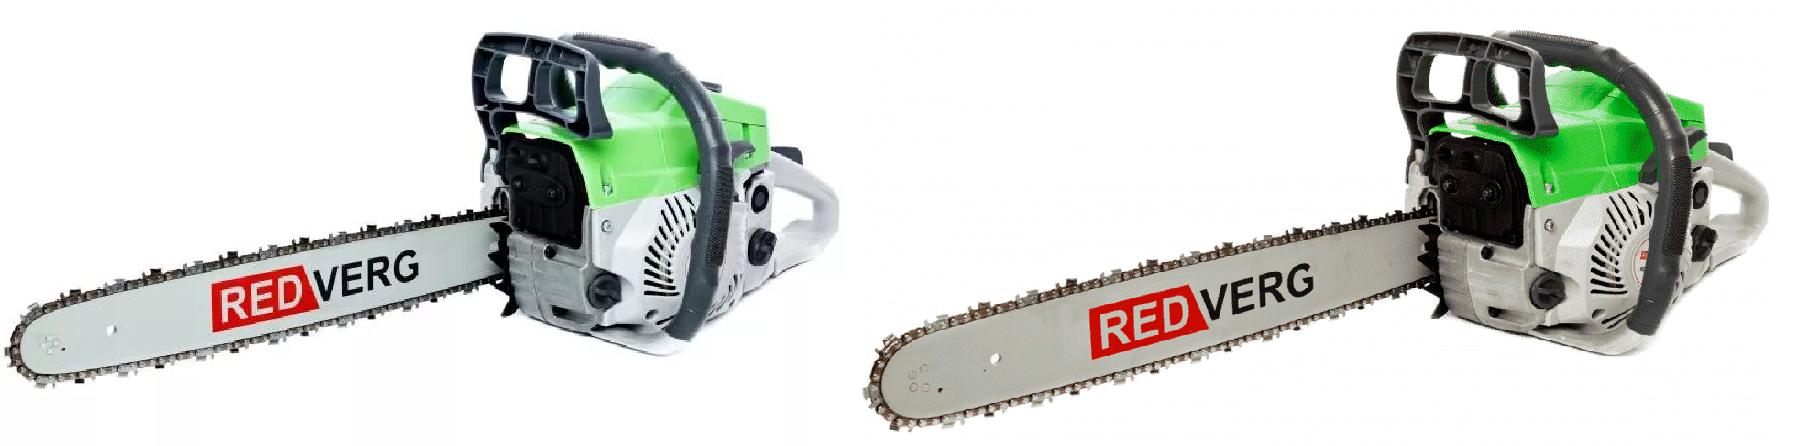 RedVerg RD-GC55-18 и RD-GC62-20 для самой серьезной работы